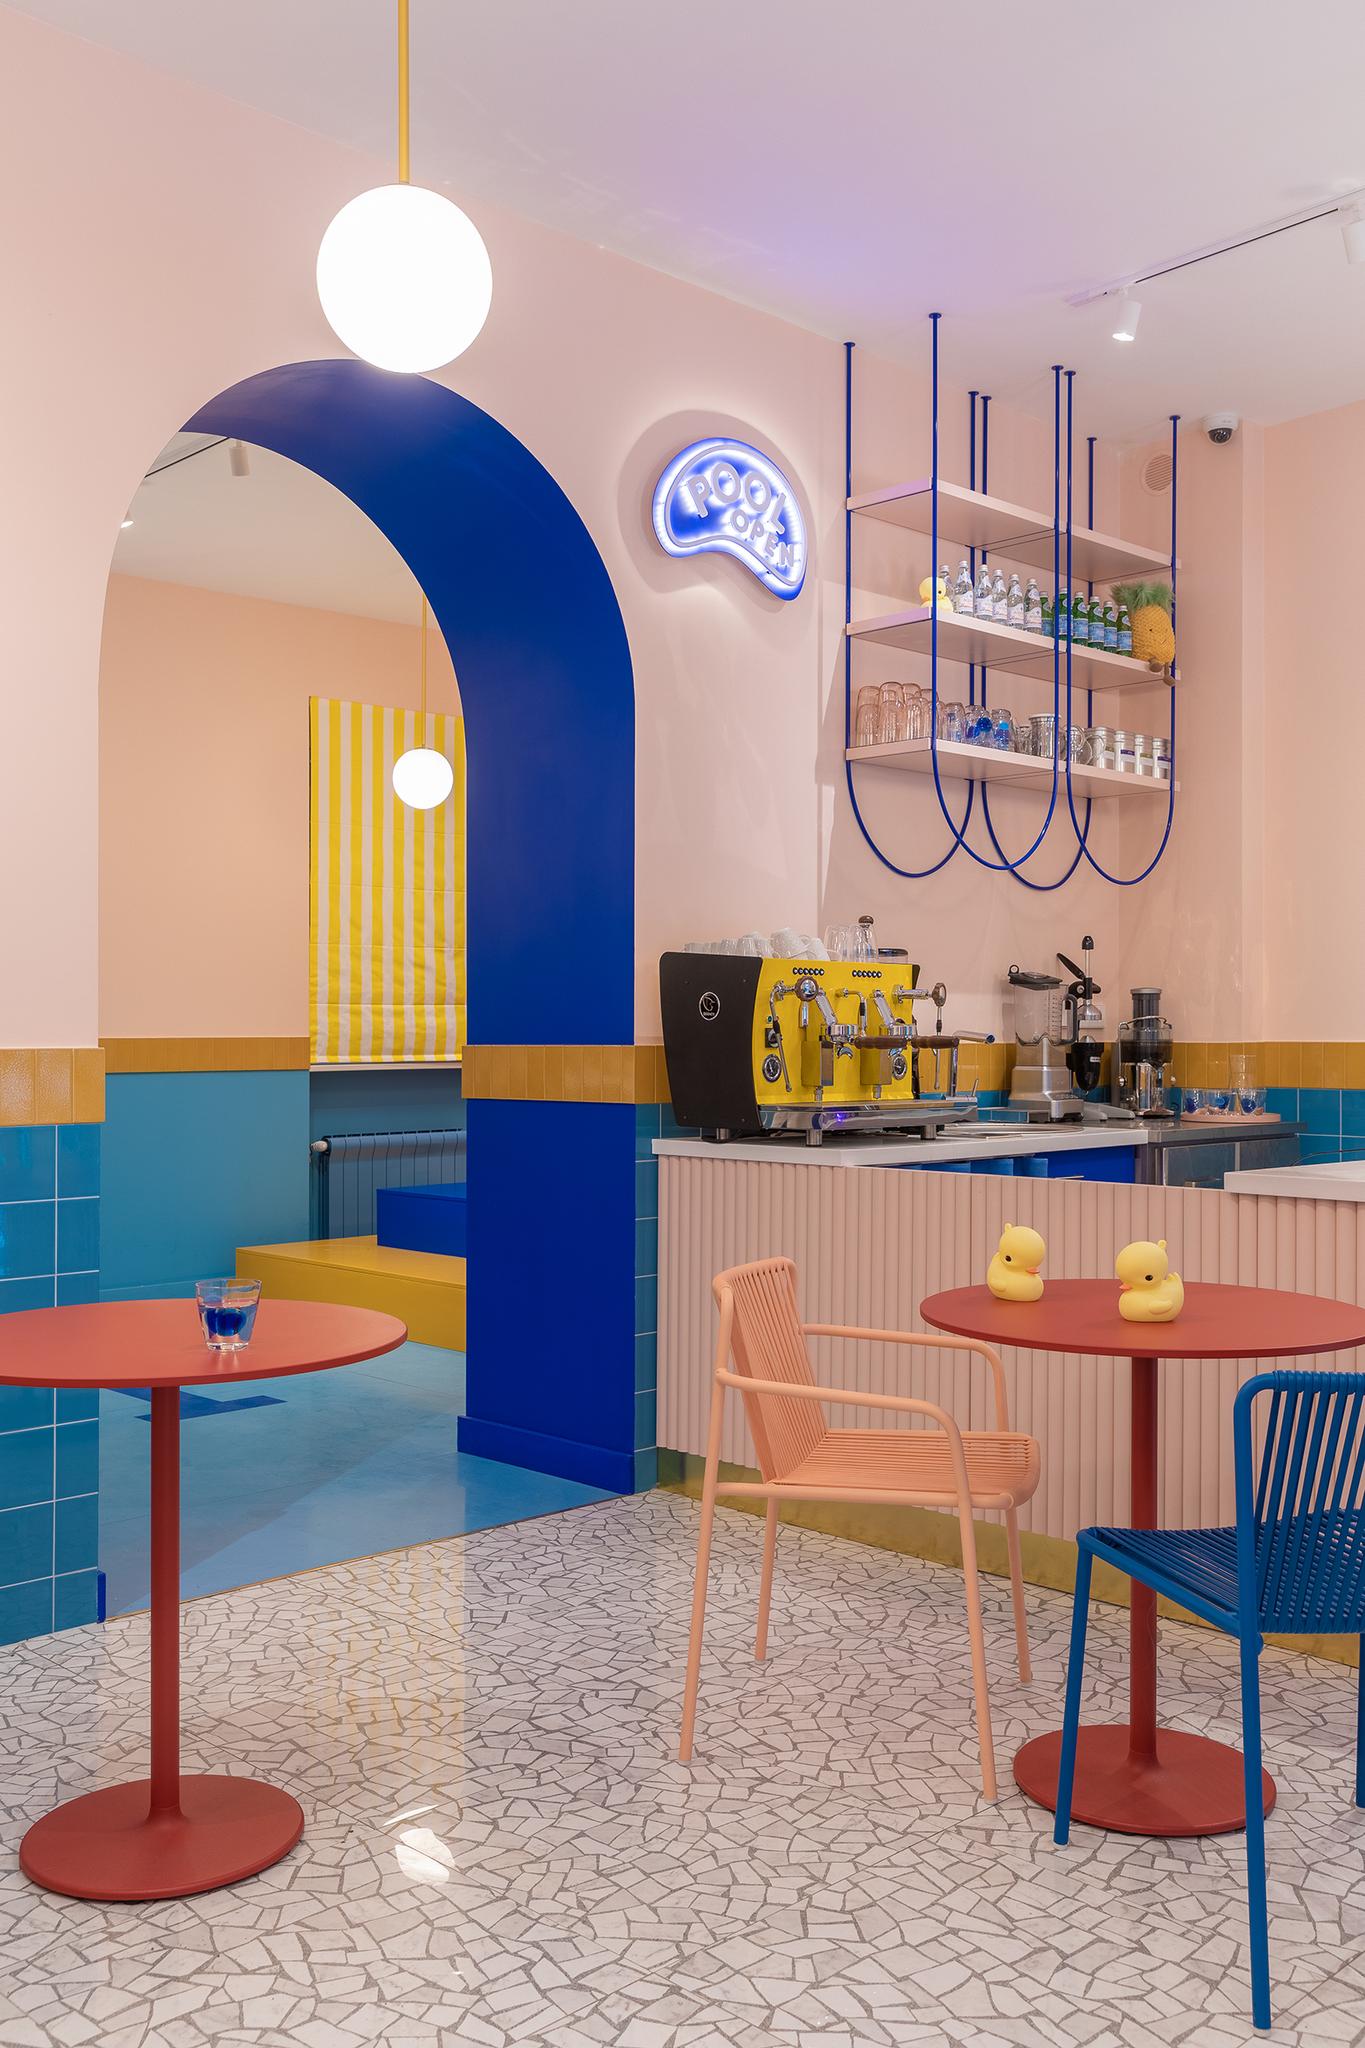 DYKE & DEAN | COLOURFUL CAFÉ